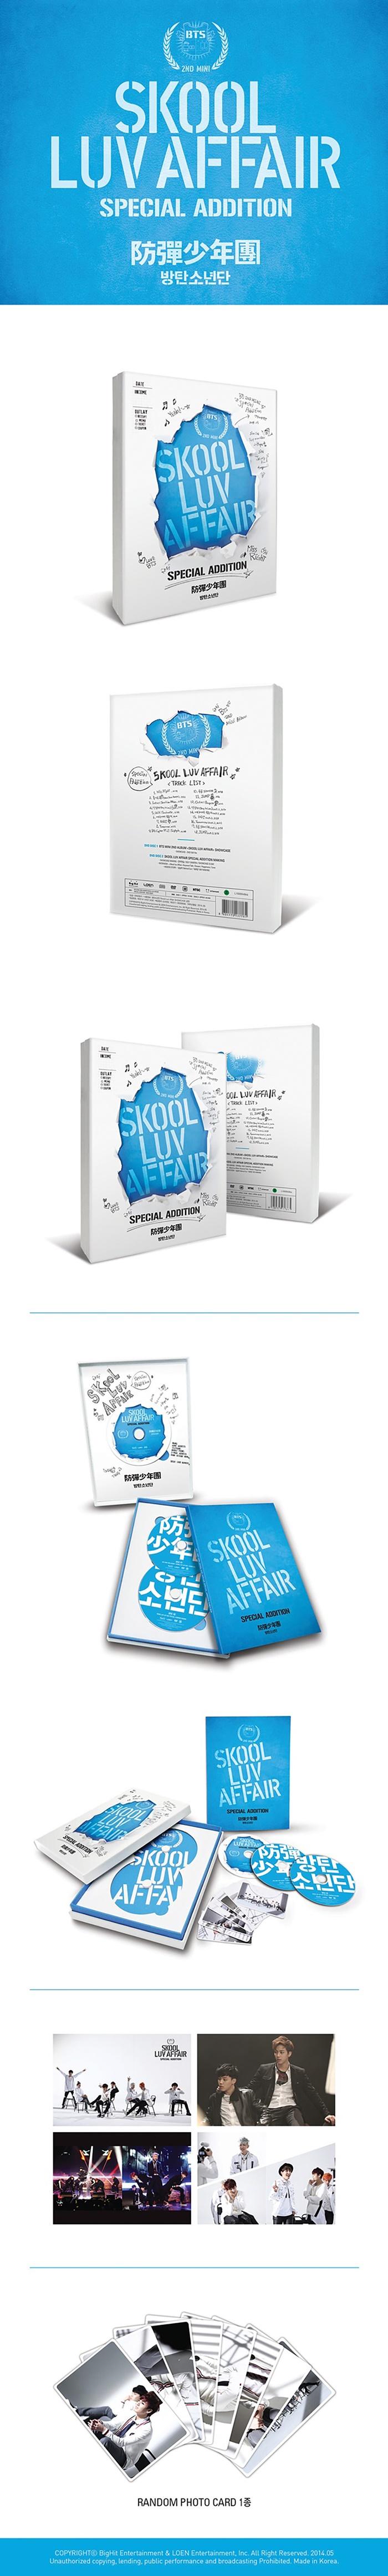 BTS - Skool Luv Affair Special Addition